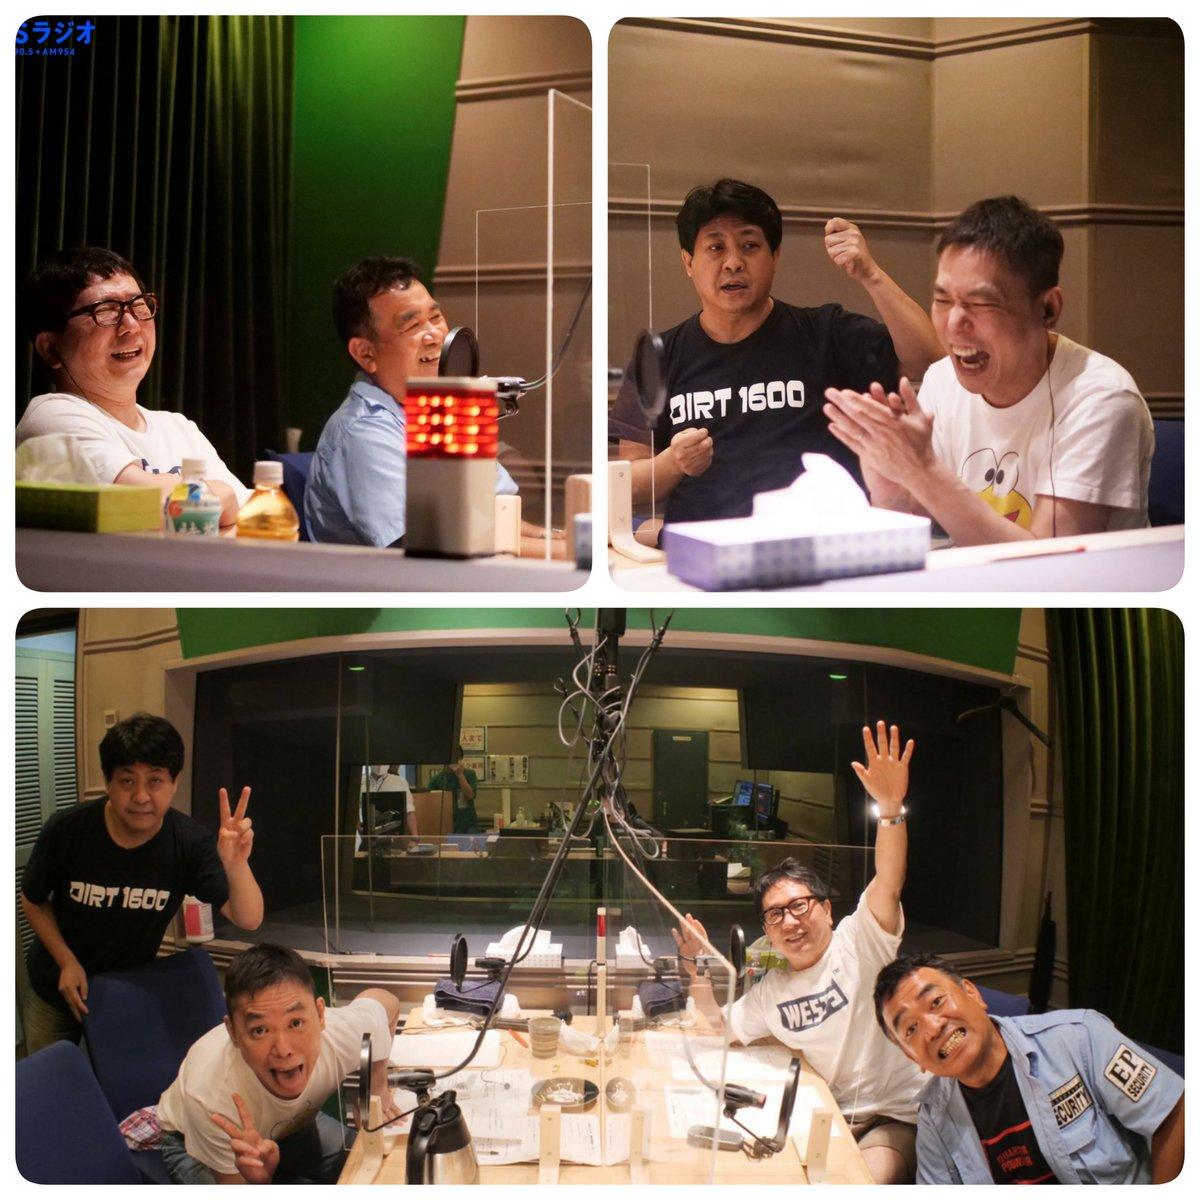 test ツイッターメディア - 『爆笑問題カーボーイ』に呼んで頂いてありがとうございました。 爆笑の二人は勿論の事、スタッフの皆さん、リスナーの皆さんにも感謝です😊 #bakusho #tbsradio #radiko https://t.co/2uQA7R3ROK